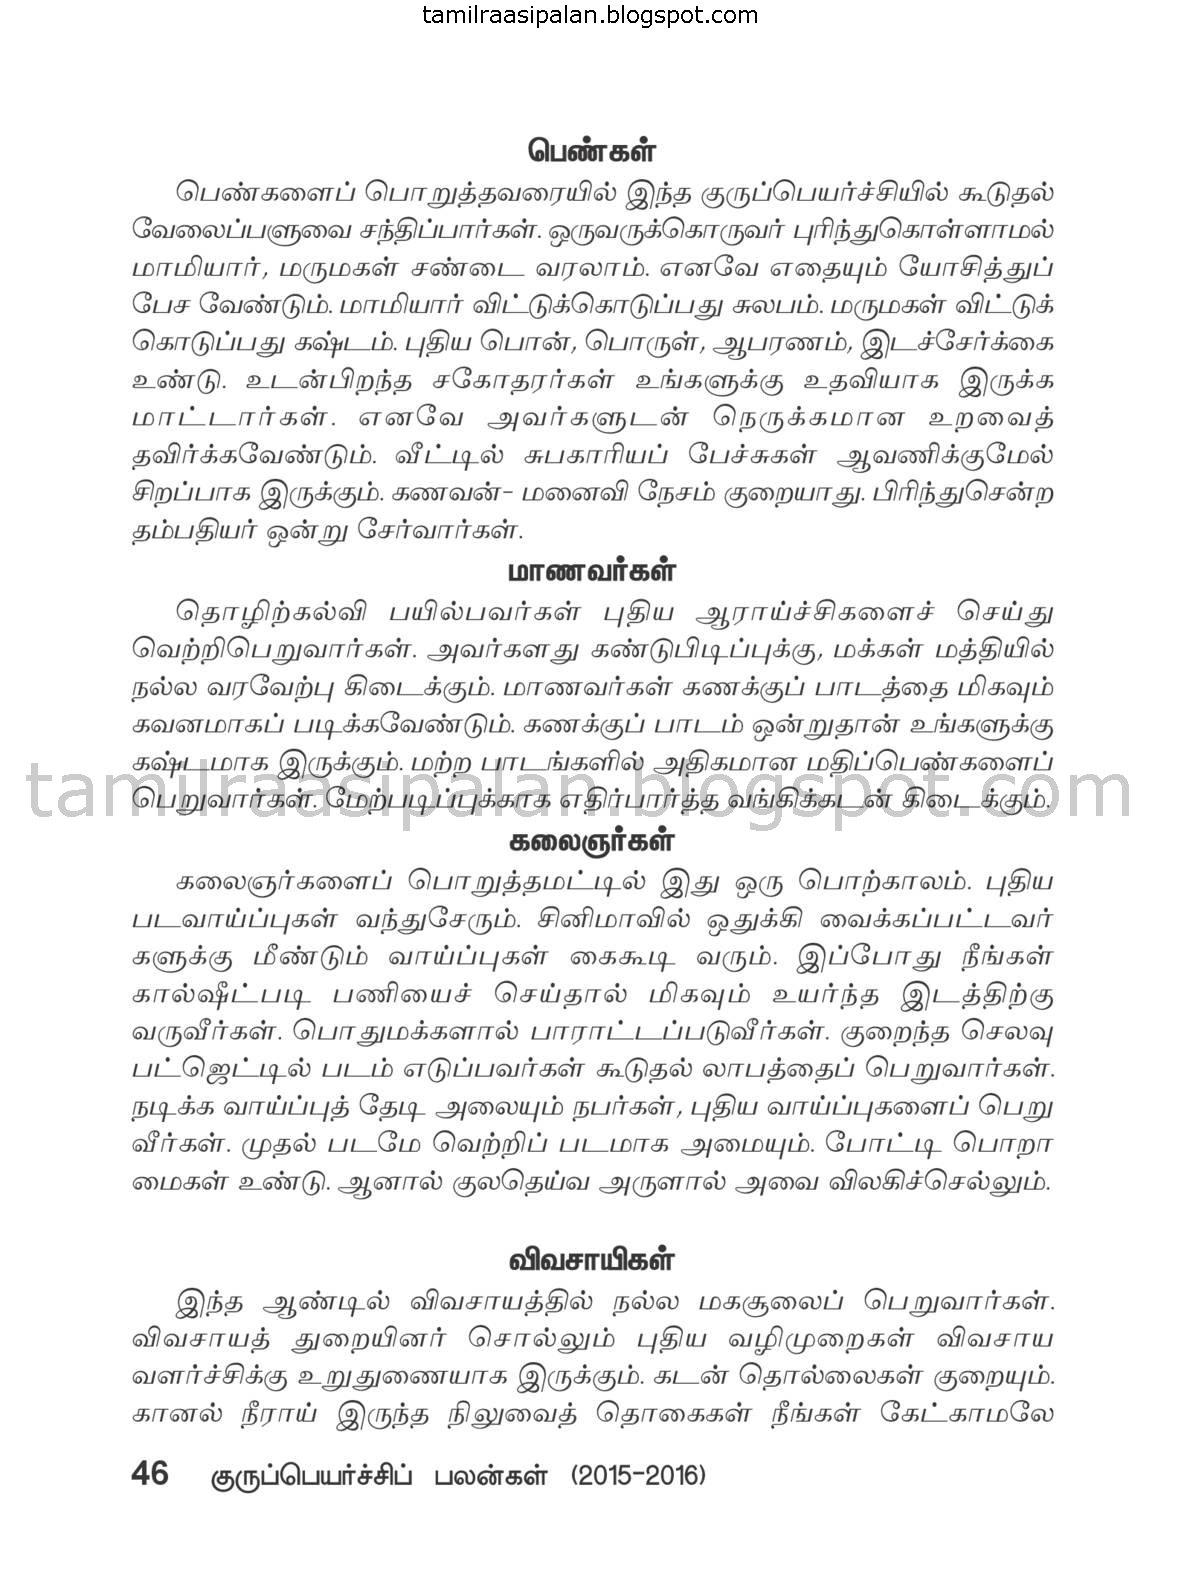 Kanni Guru Peyarchi Palan-2015-2016 Free Online